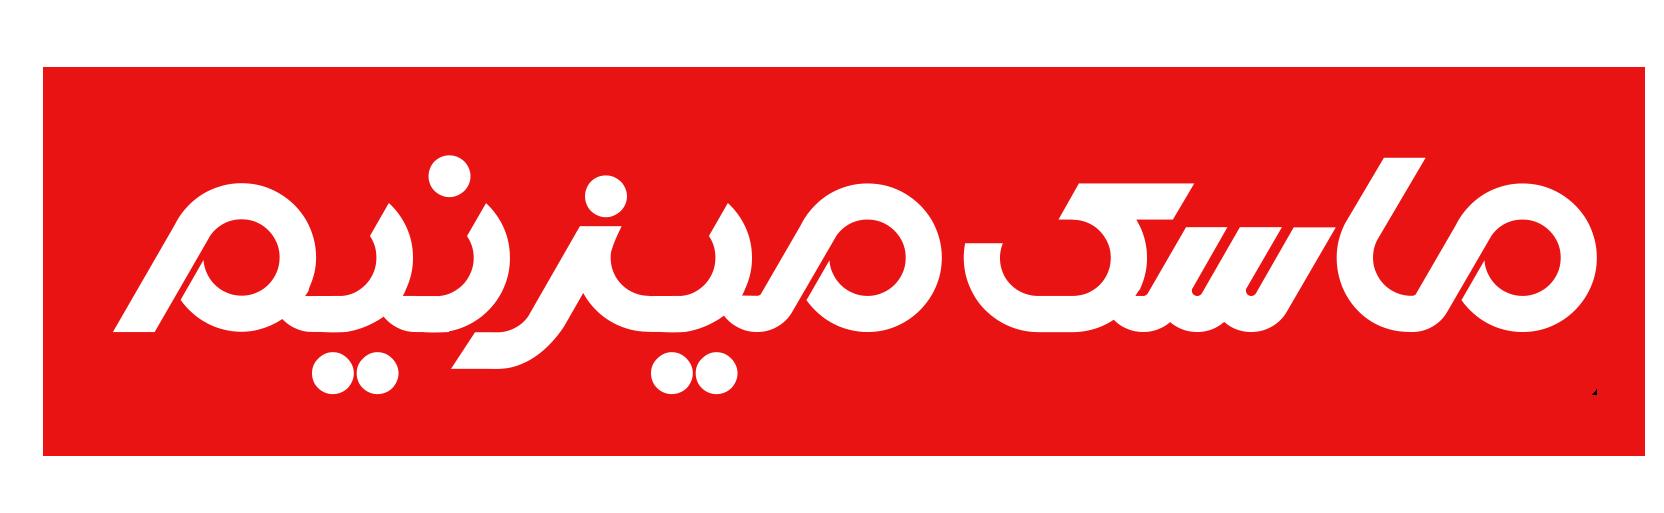 فونت تایپوگرافی فارسی مارال